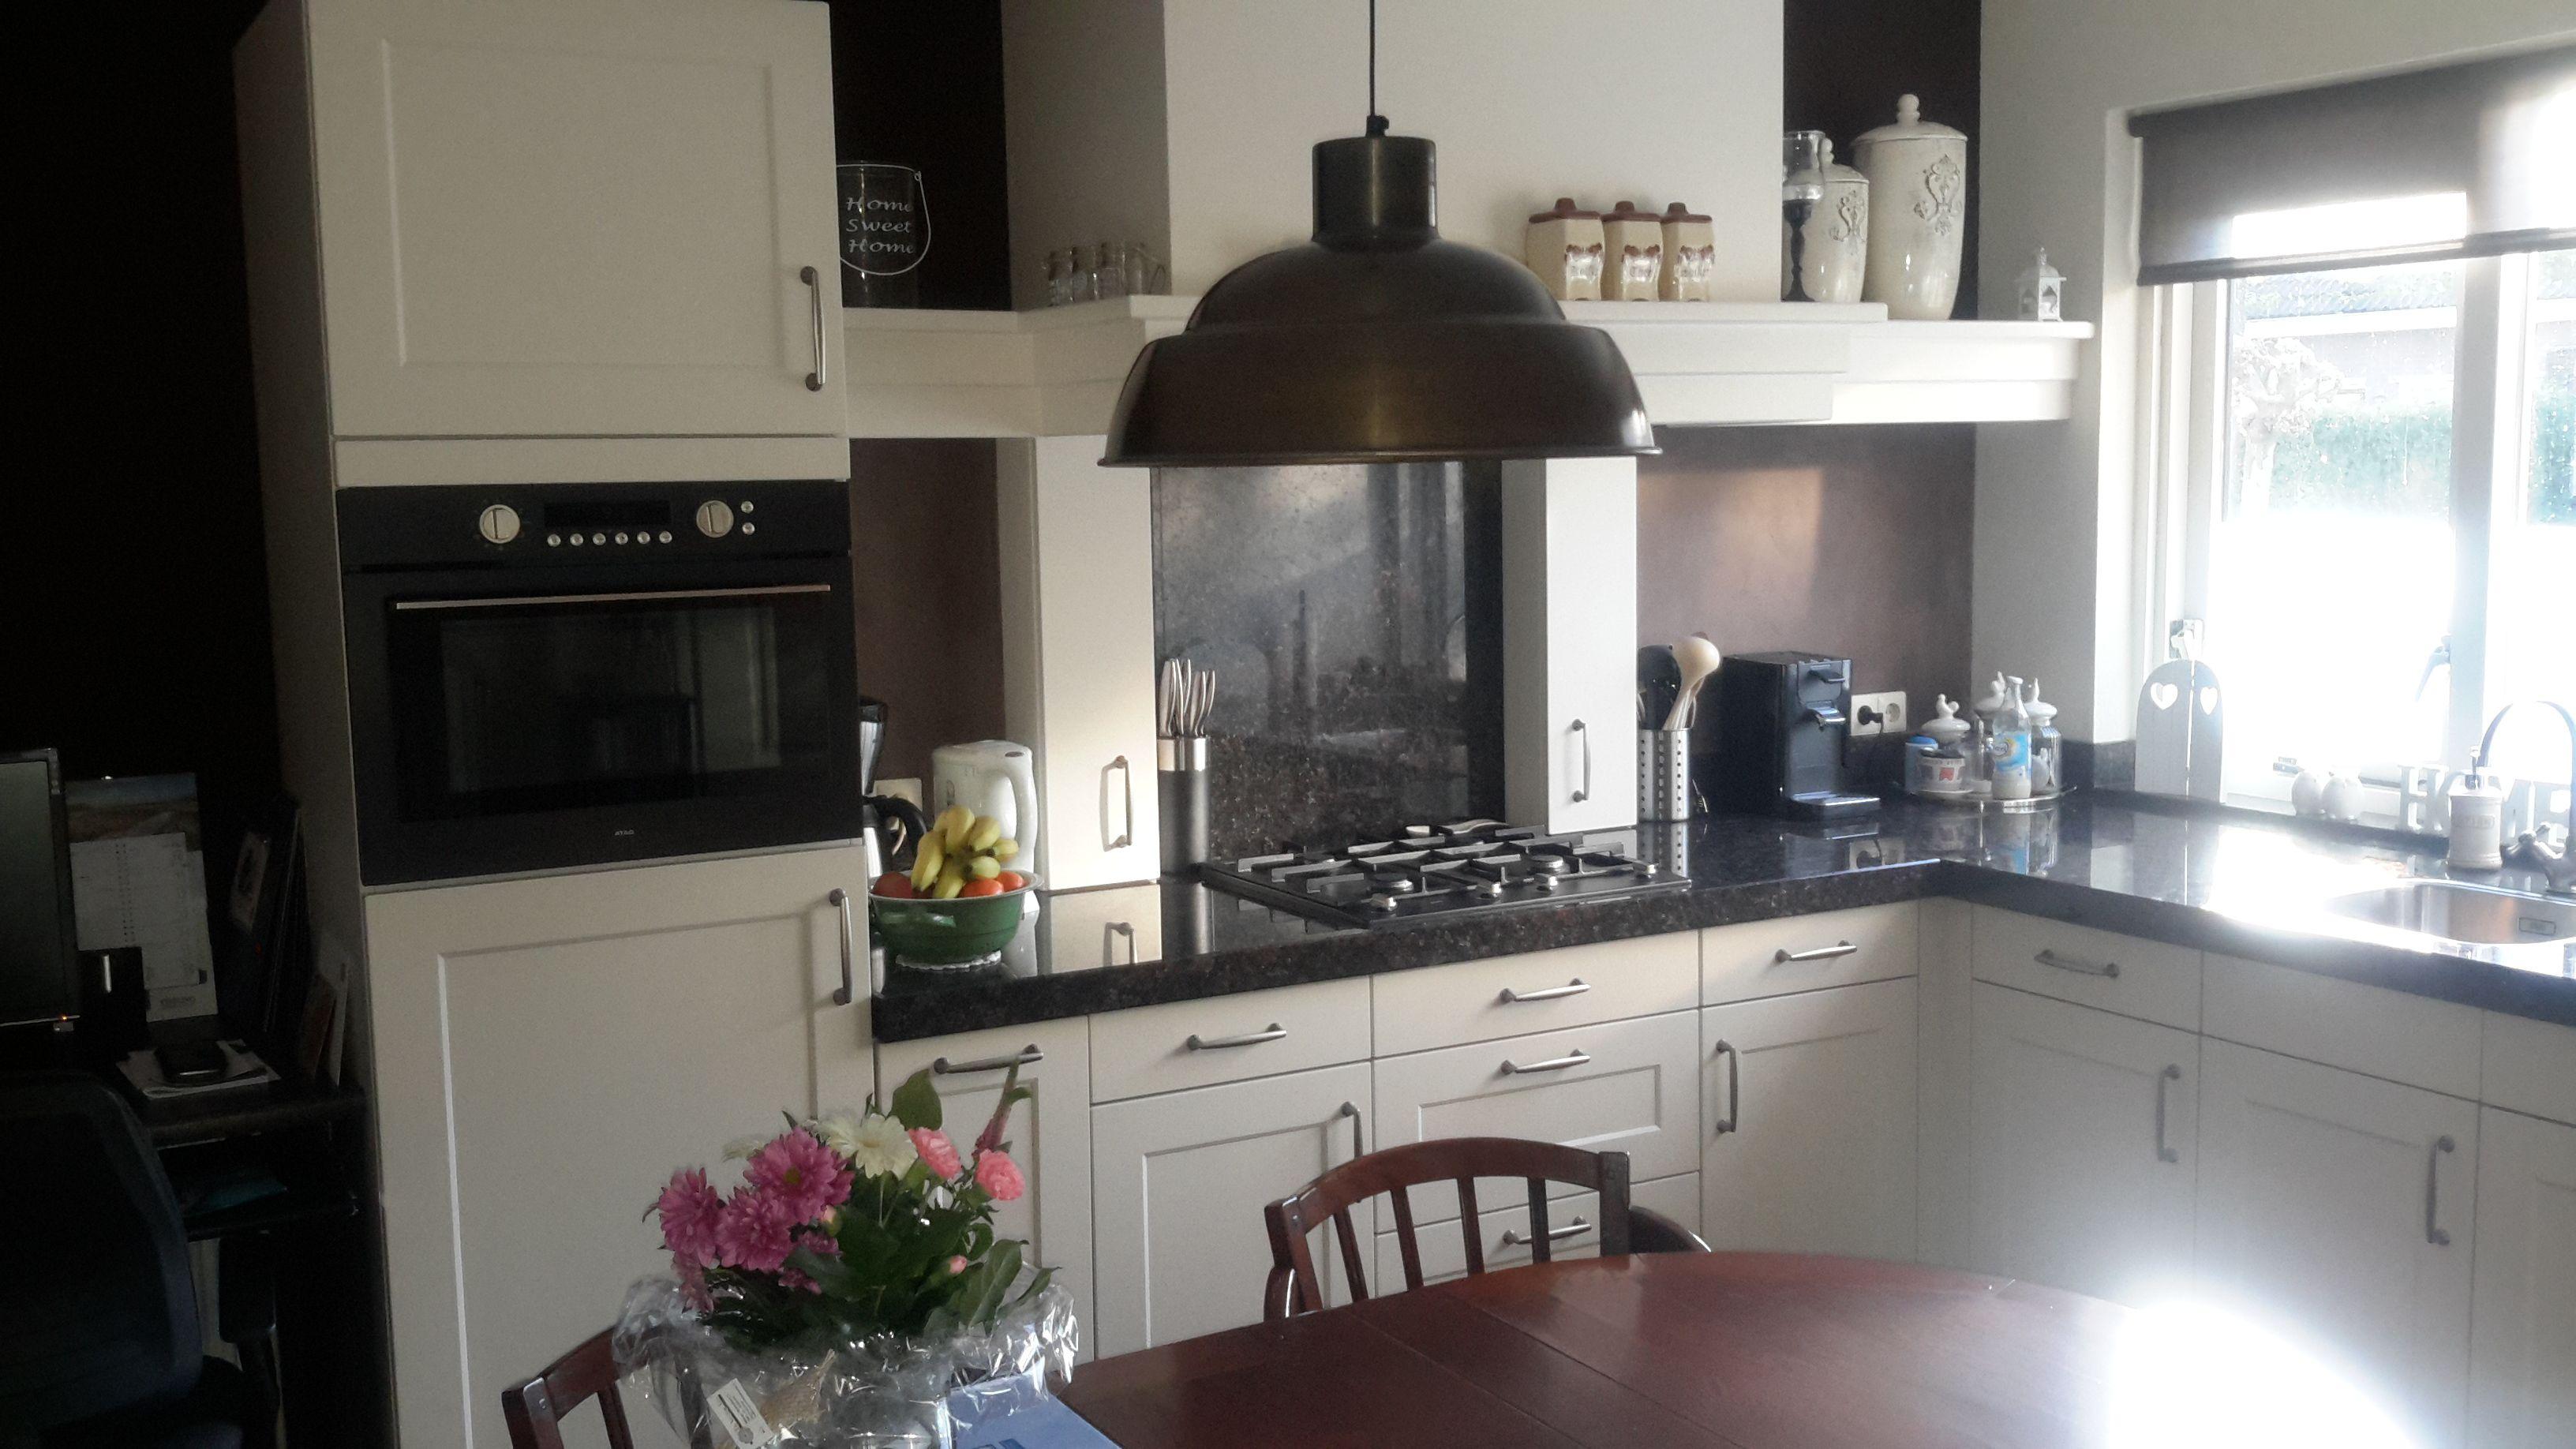 Schouw uit eigen werkplaats met 2 kruidenkastjes keuken schouwen